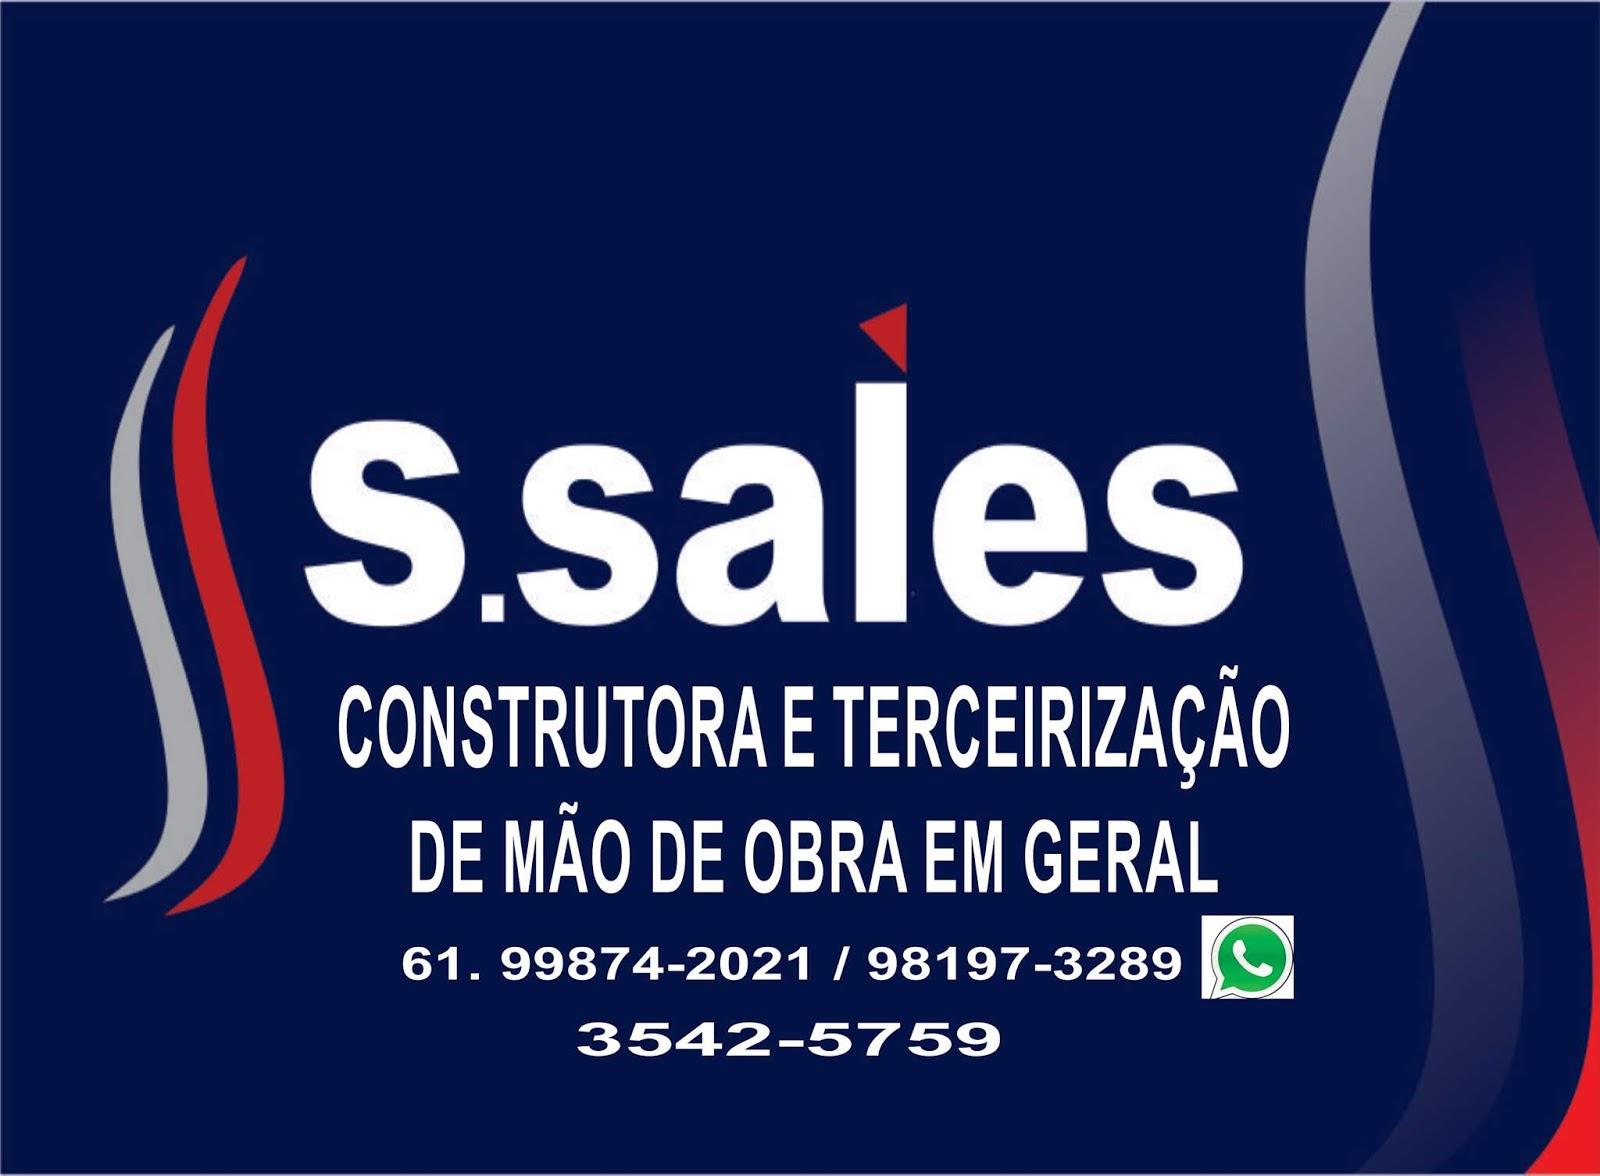 S%2BSALES - Qual é o supermercado mais barato do Jardim Botânico e São Sebastiao DF?  O Jornal Mangueiral pesquisou!